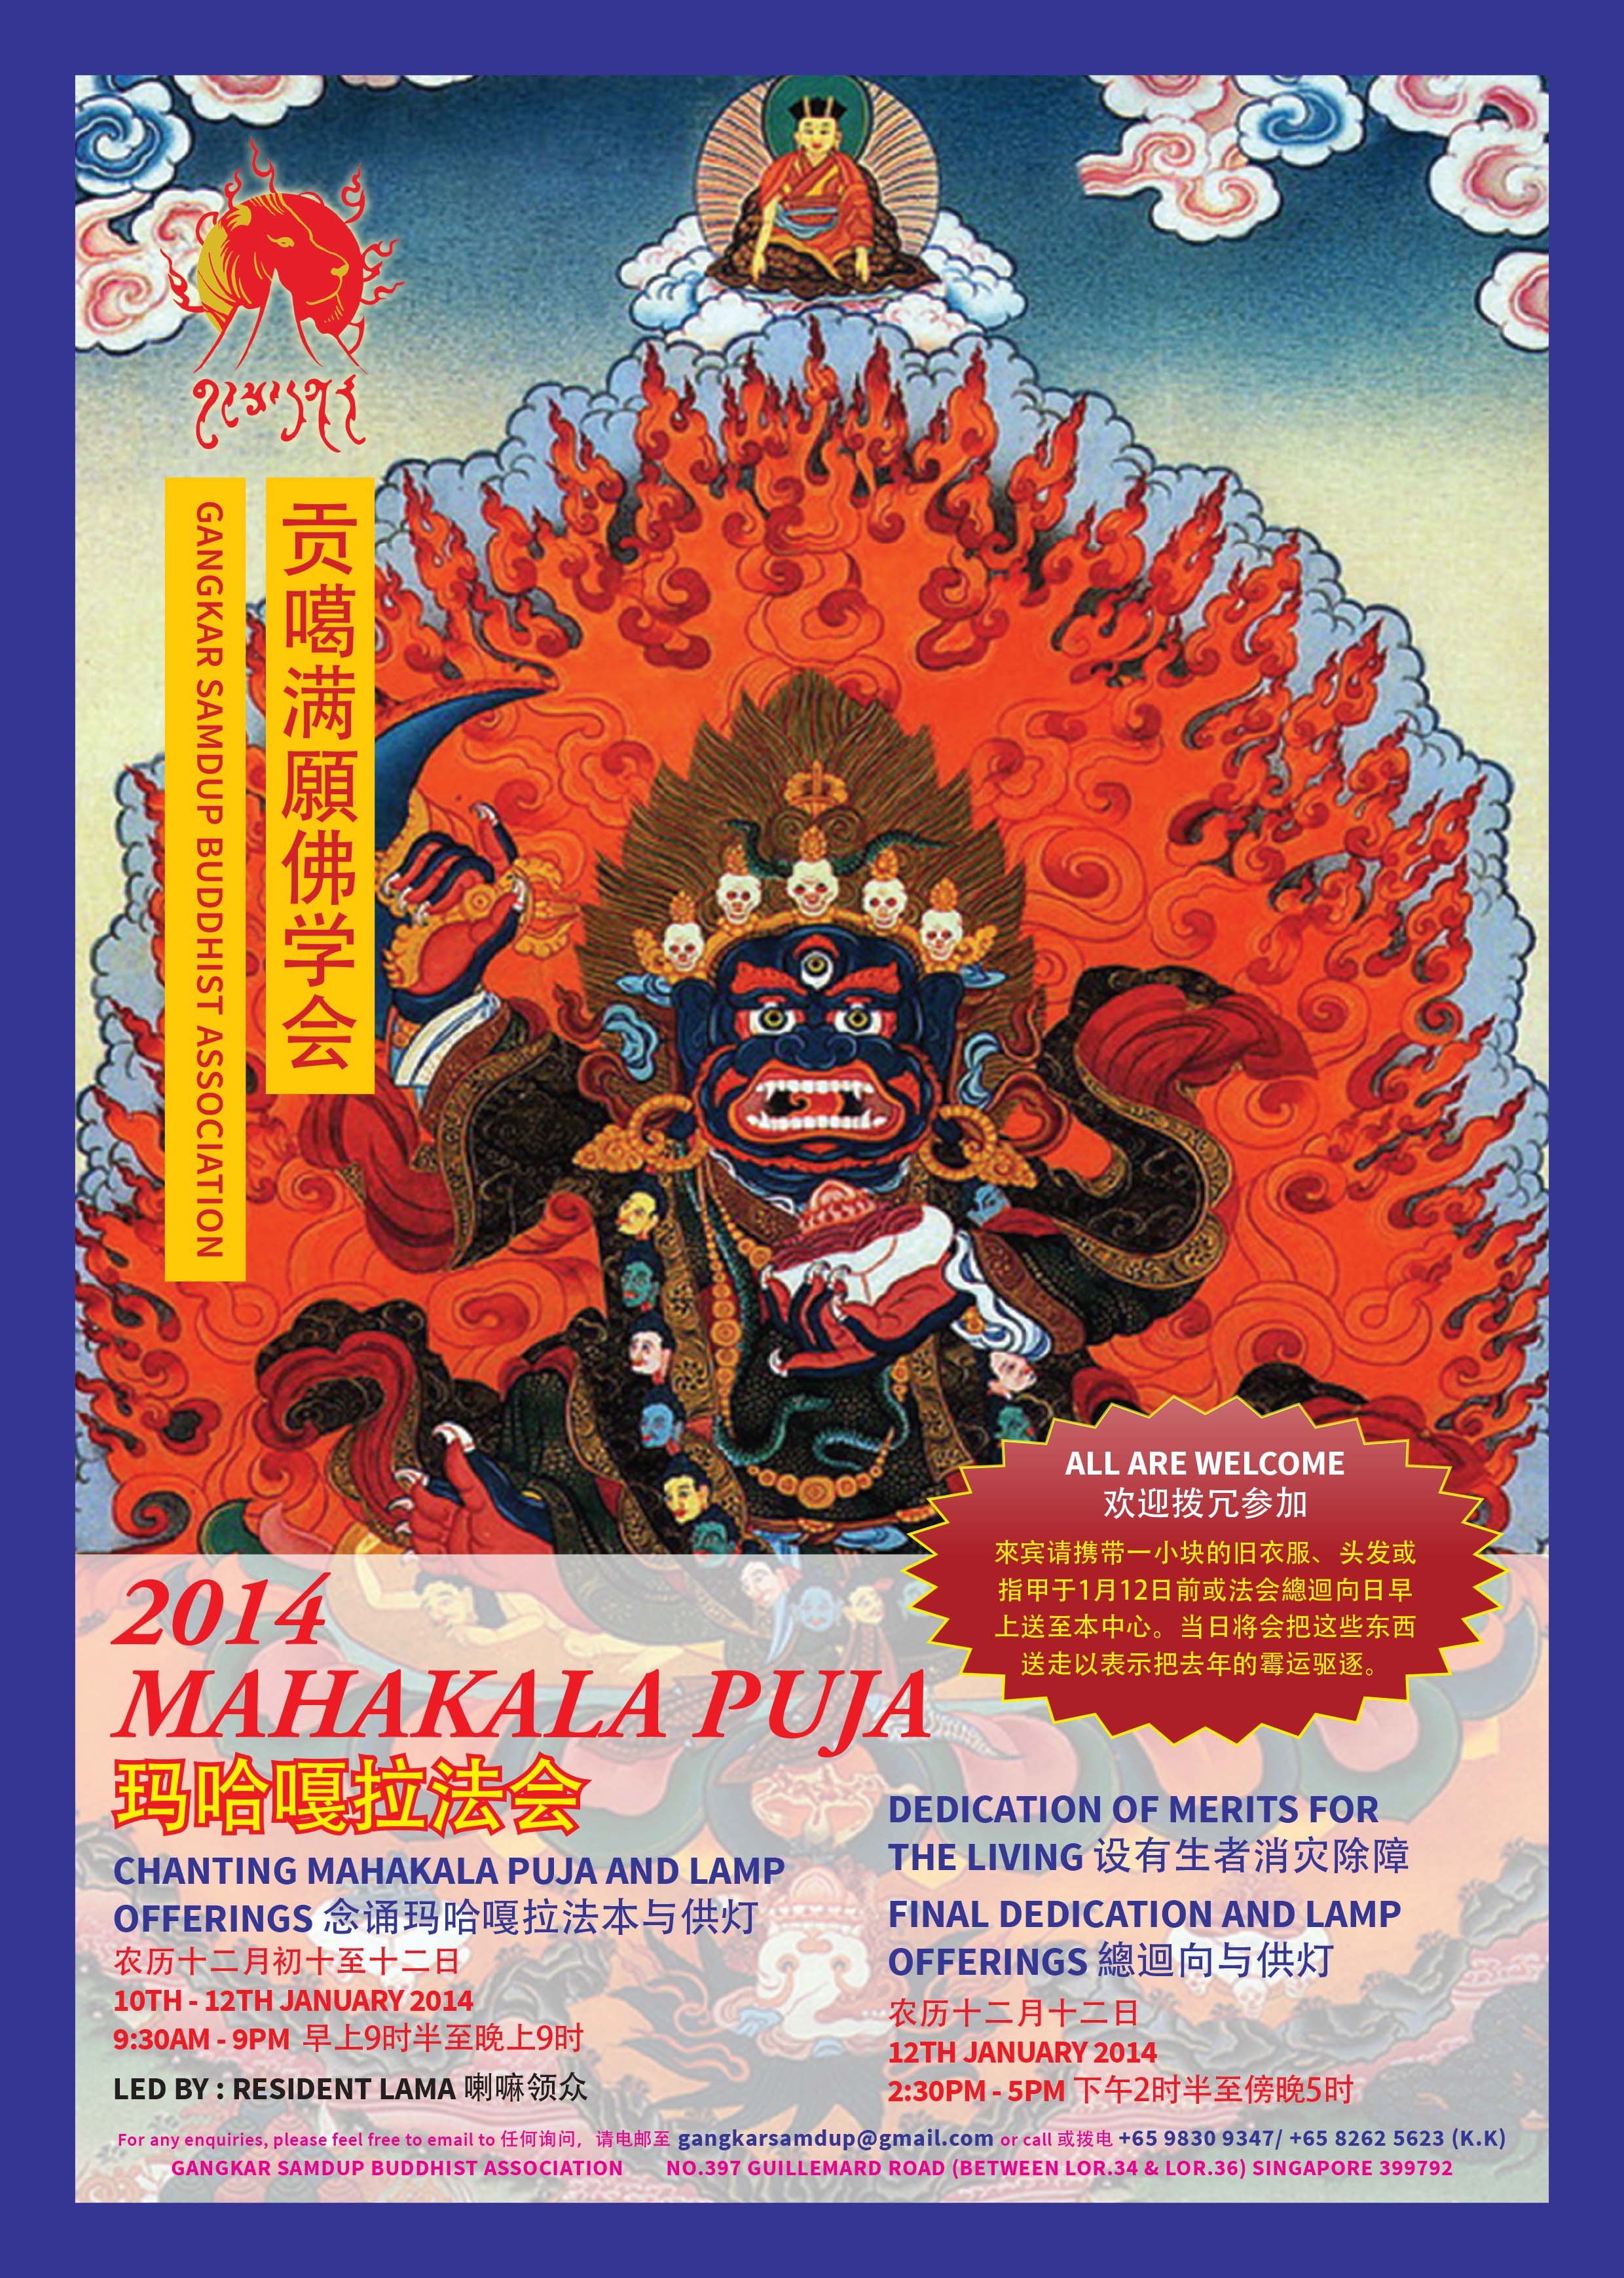 2014 Mahakala Puja- Welcome all to join us.